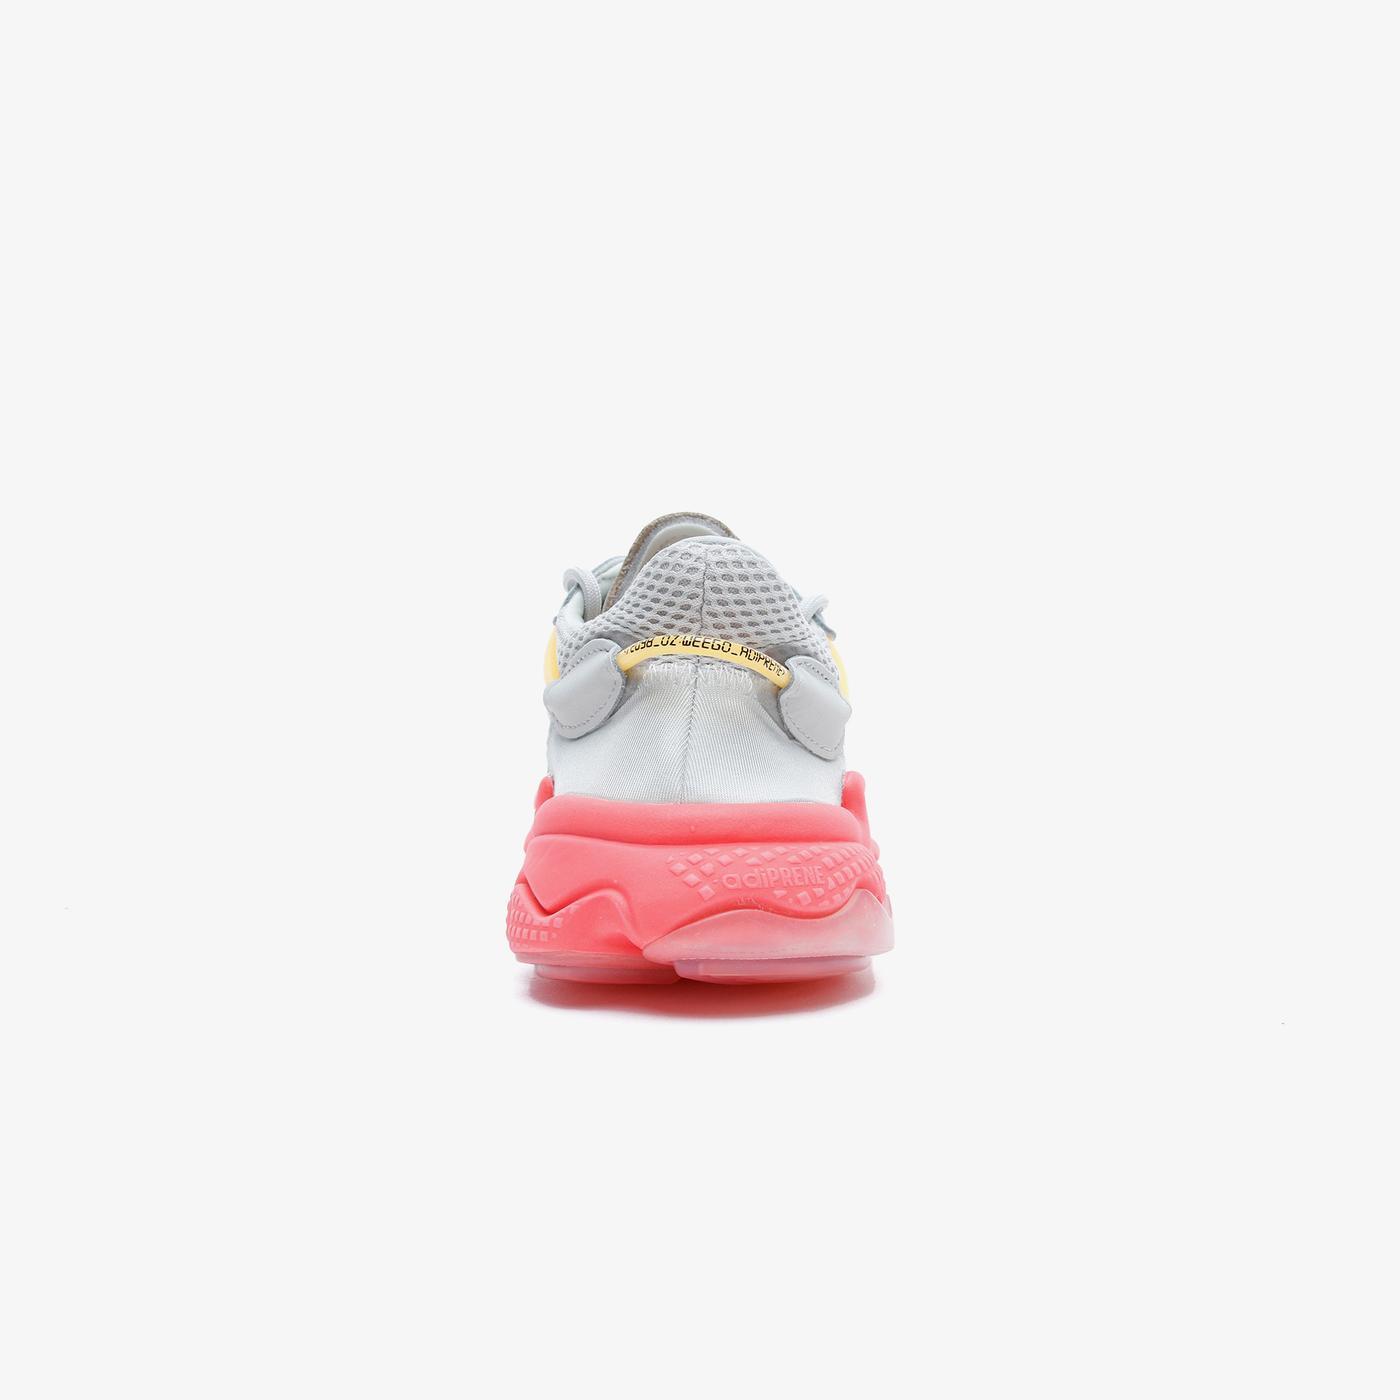 adidas Ozweego Kadın Bej Spor Ayakkabı